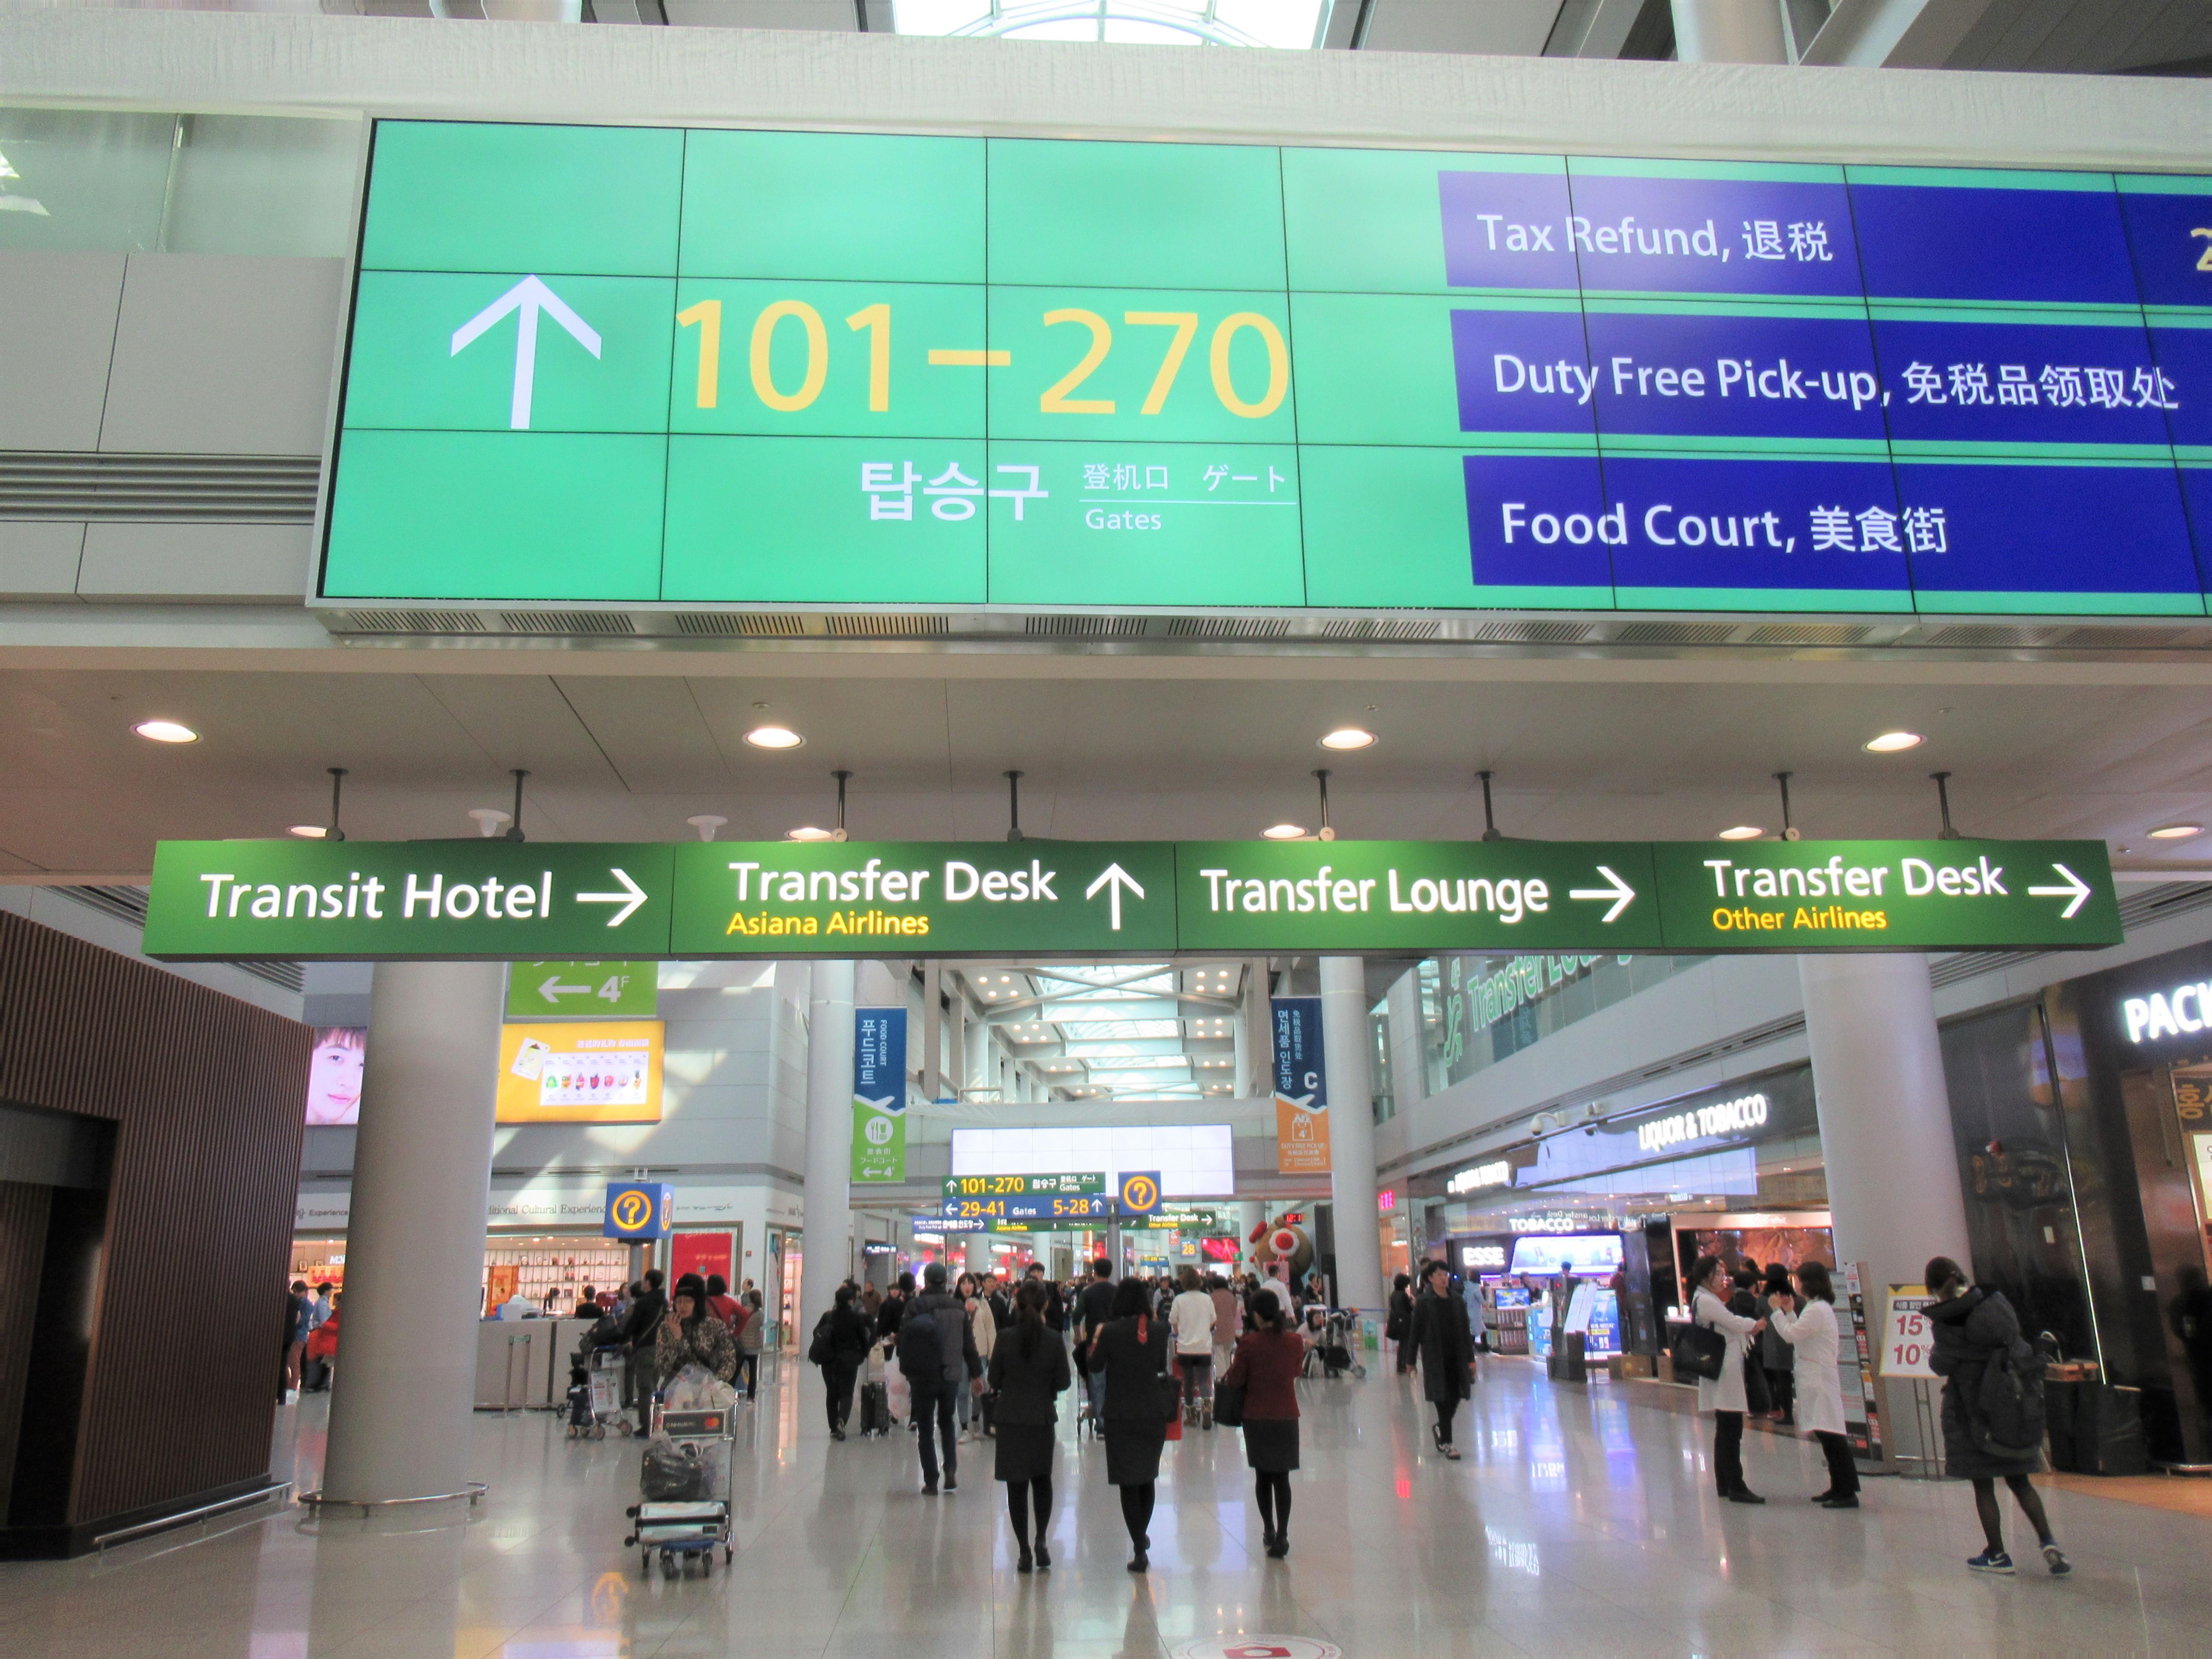 仁川国際空港|トランジットの乗り継ぎ時間は何する?空港サービスと時間の有効利用する方法